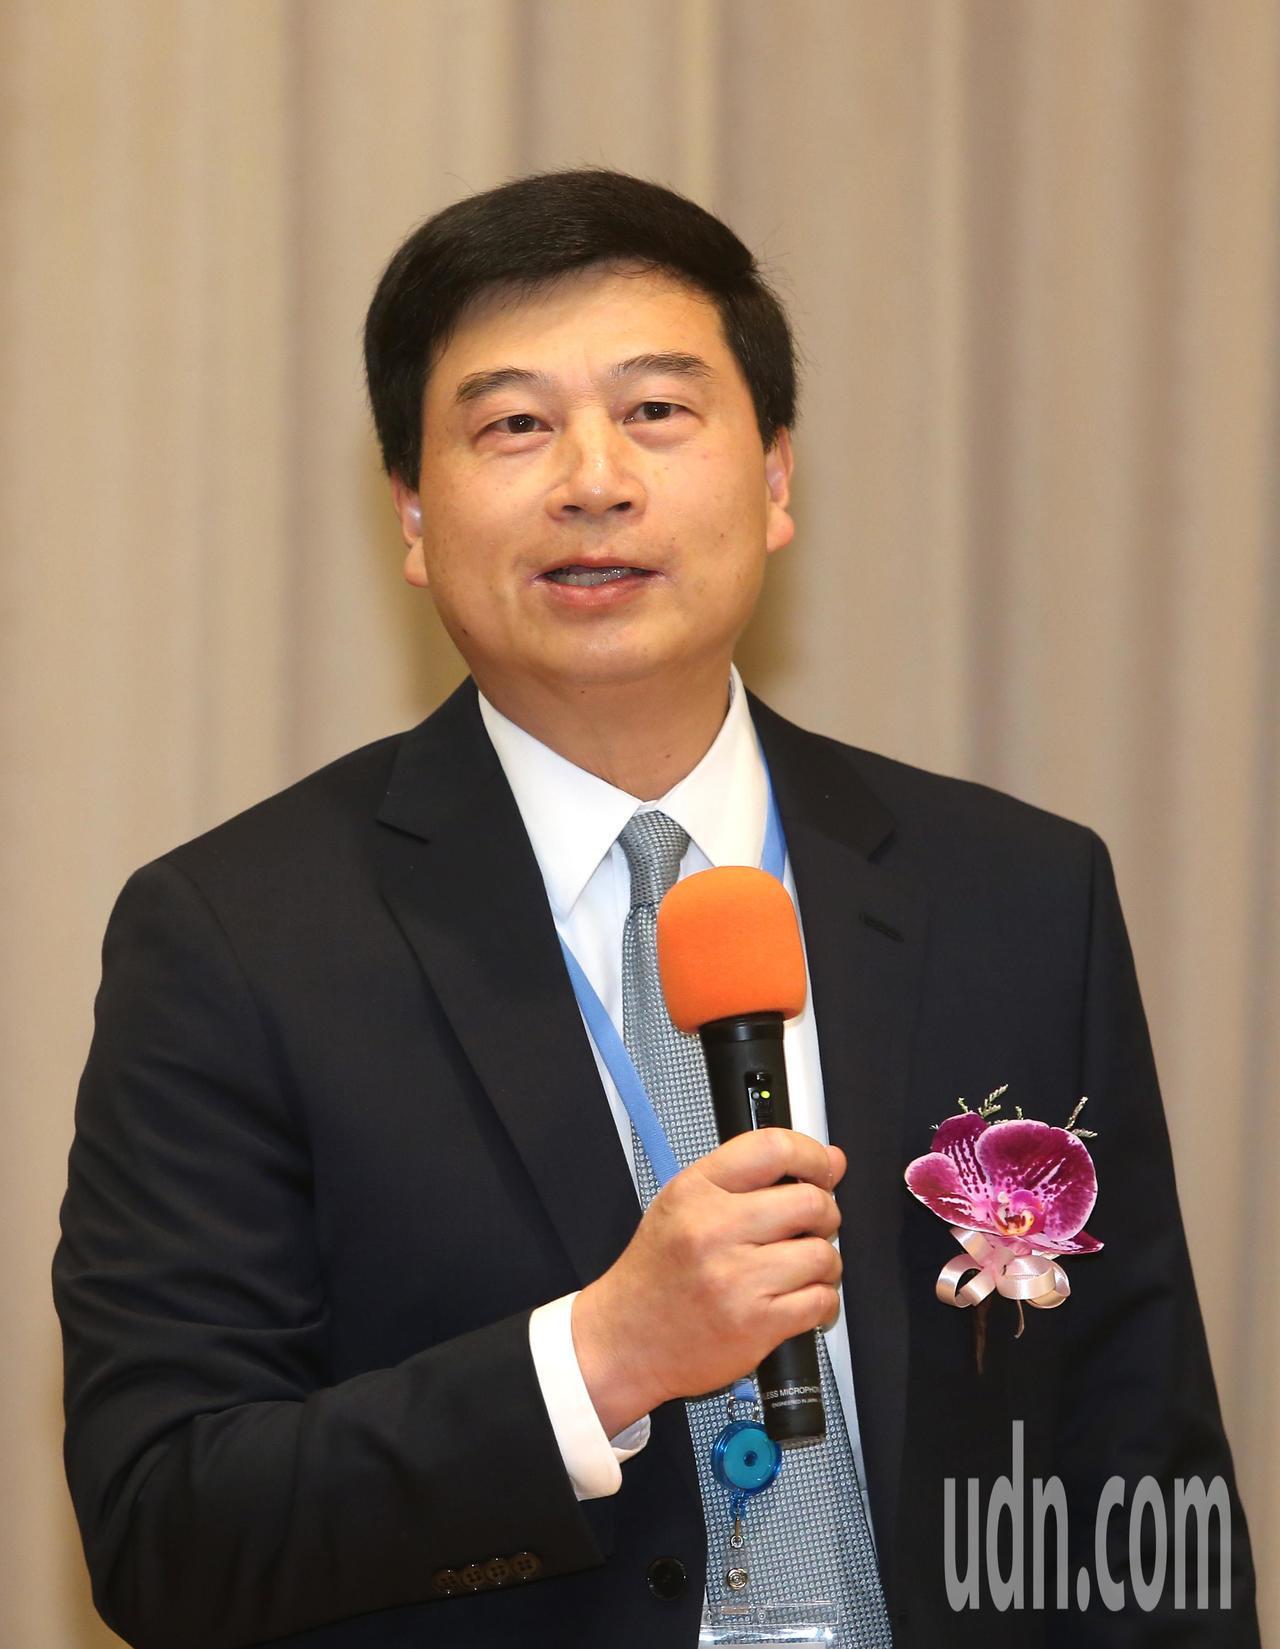 中研院下午由院長廖俊智公布新科院士,共21位院士榮獲殊榮,出席的包括中研院生物醫...